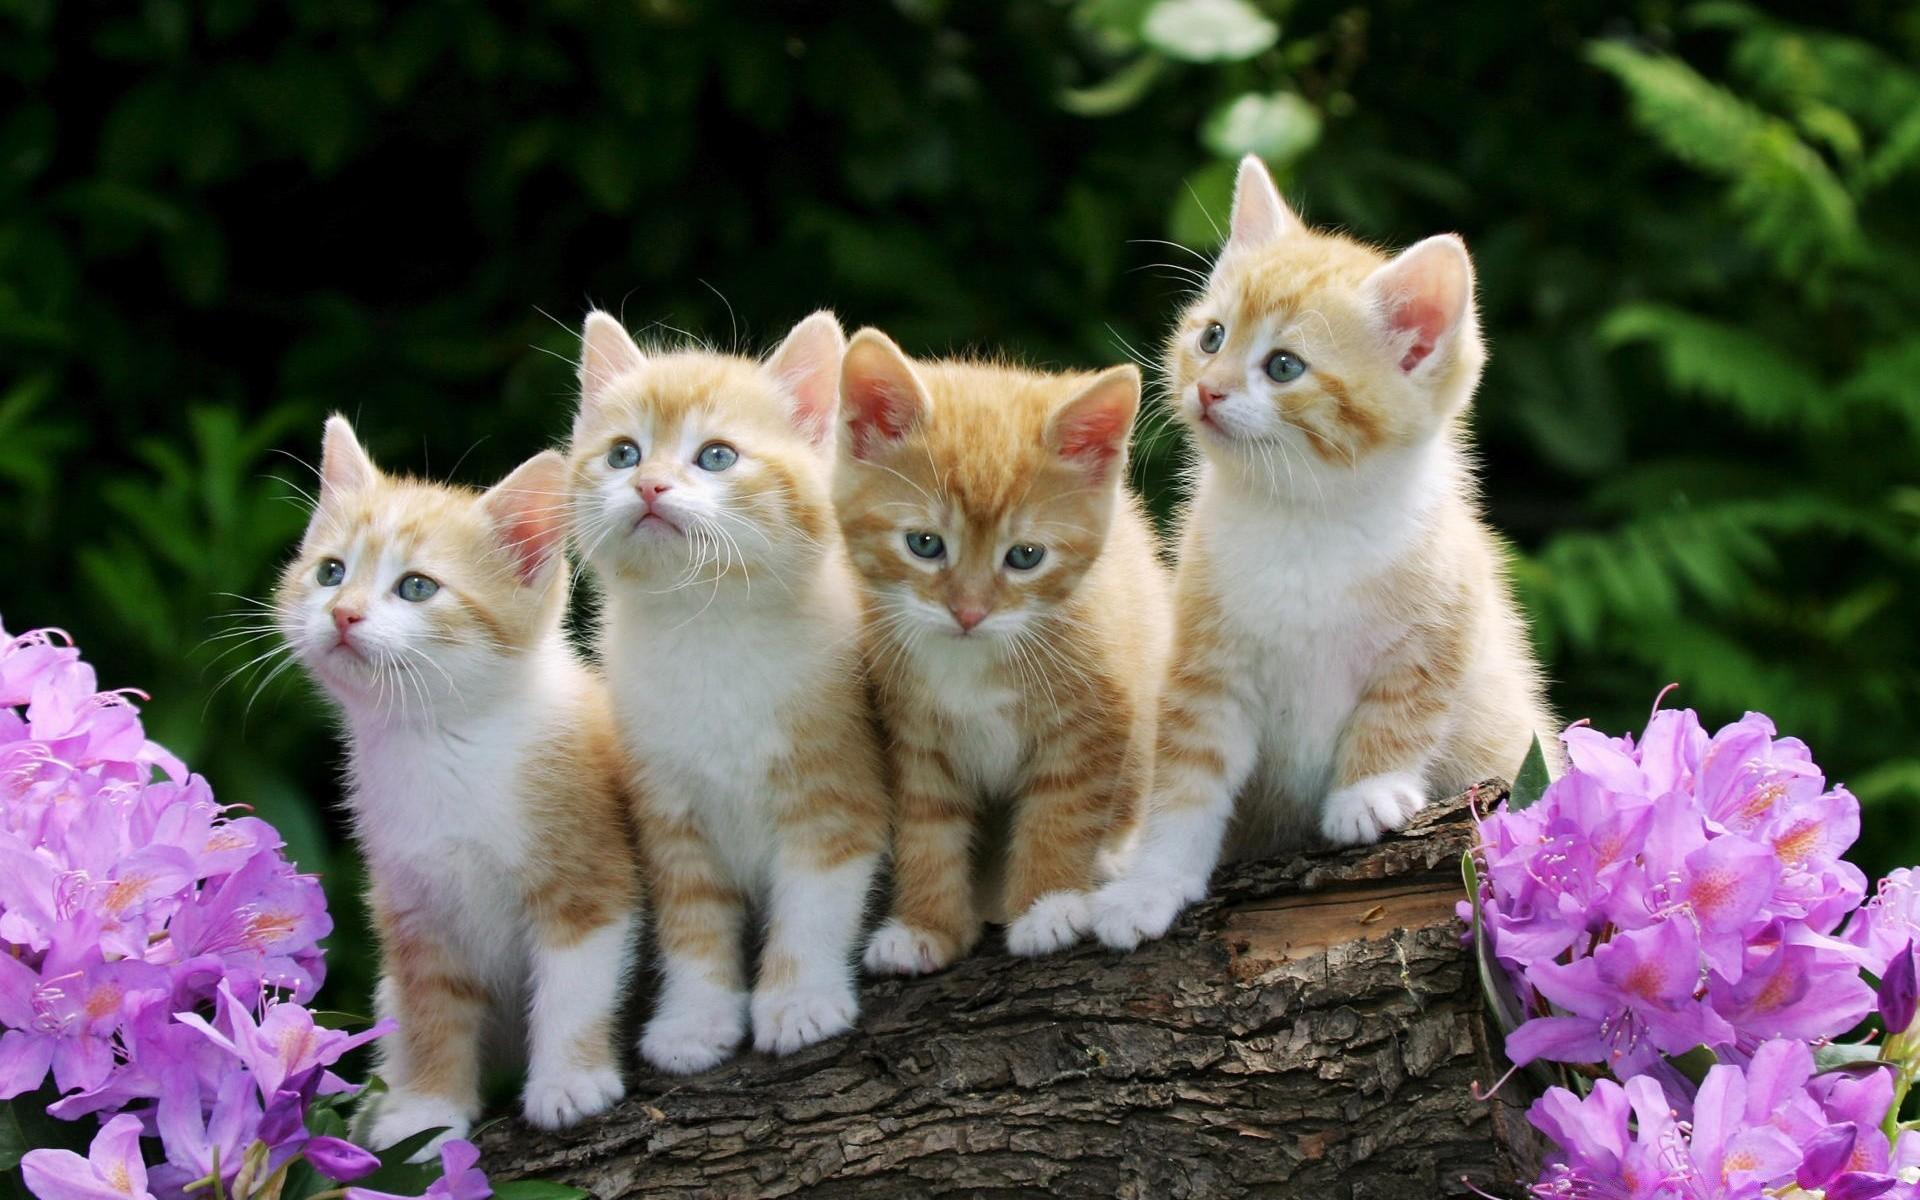 женщины картинки котов и котят красивые тех, кто любит